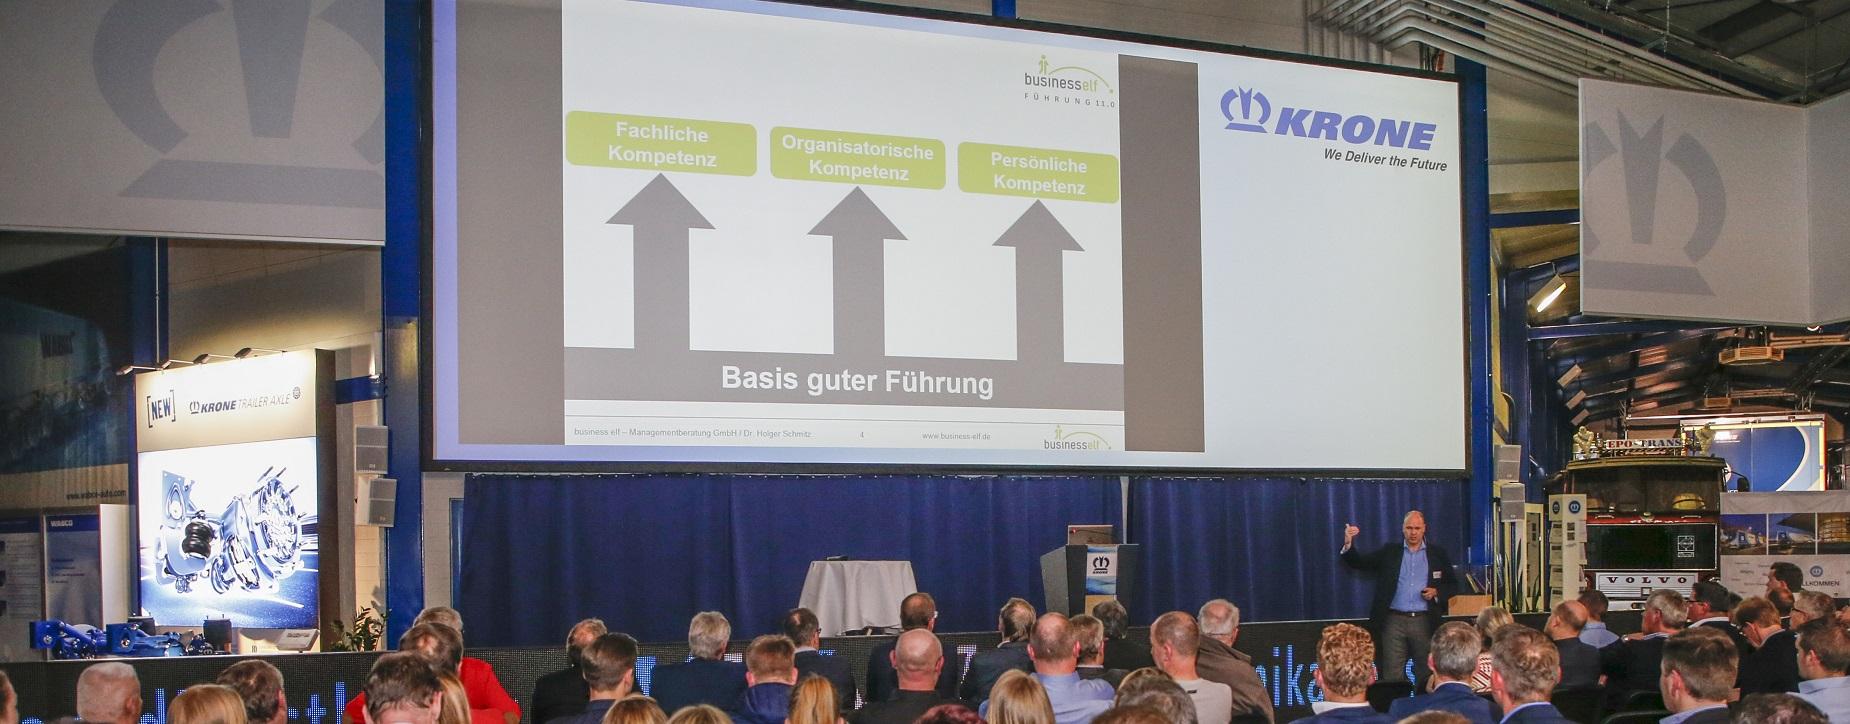 keynote ARENA DER ZUSAMMENARBEIT in Werlte